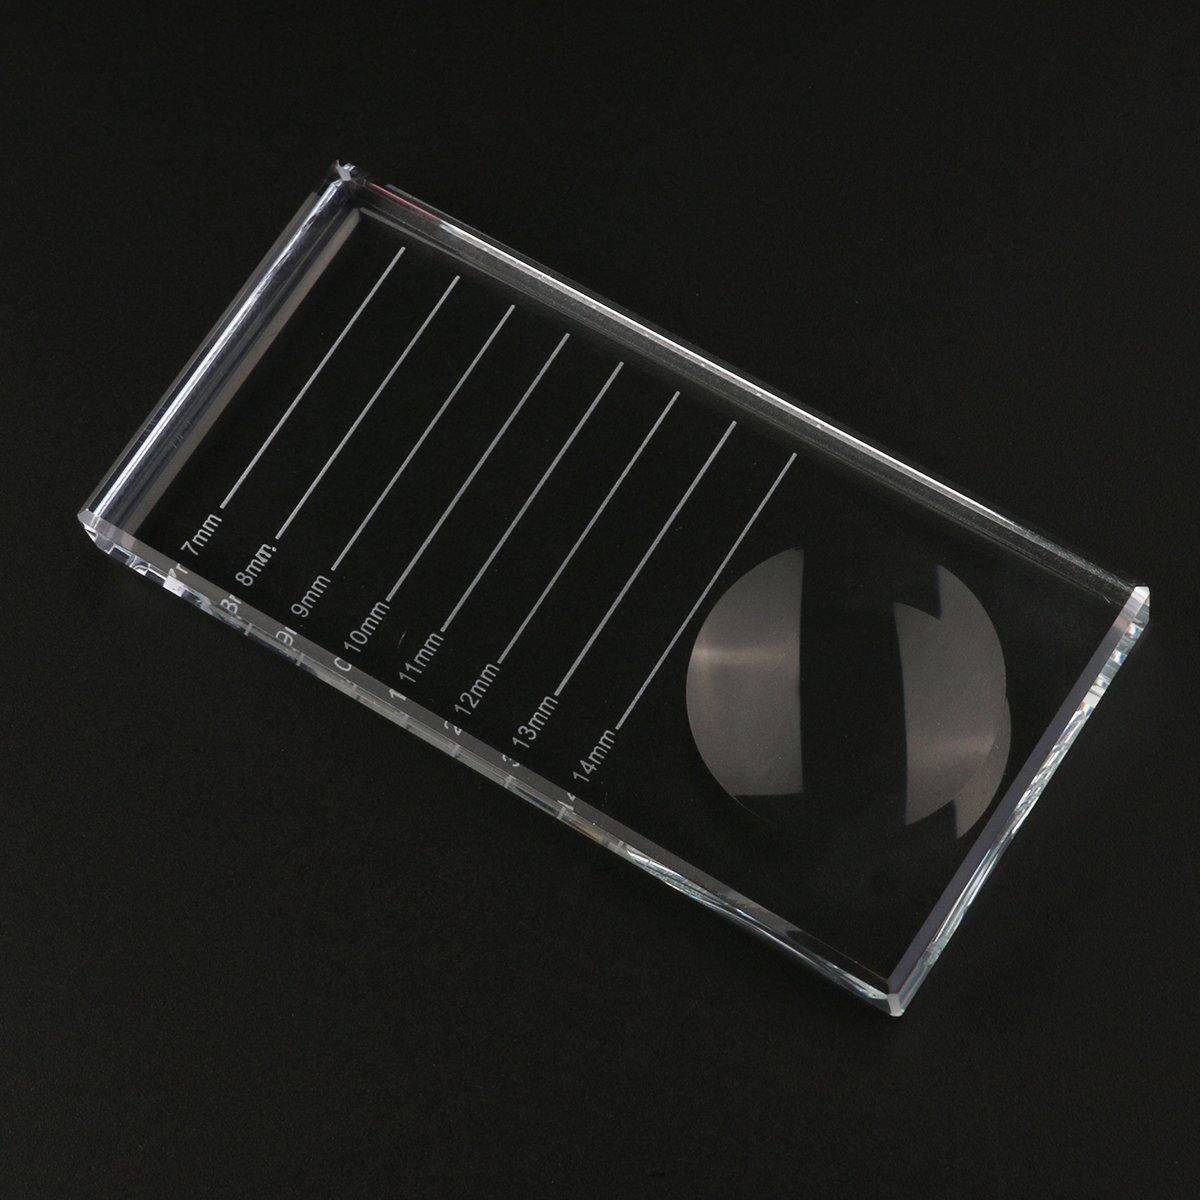 OULII Portavasos de plataforma de pegamento adhesivo para pestañas extensiones ojos cejas pestañas plantilla tarjeta: Amazon.es: Bricolaje y herramientas